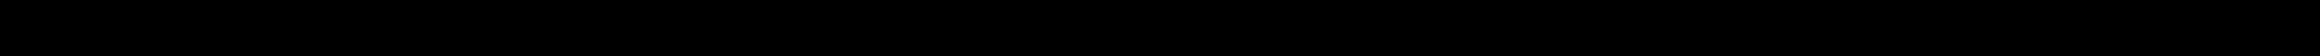 FEBI BILSTEIN 81.36305.0015, 81.36305.0015 S1, 346 330 00 19, 346 586 00 33, A346 330 00 19 Reparationssats, spindelbult